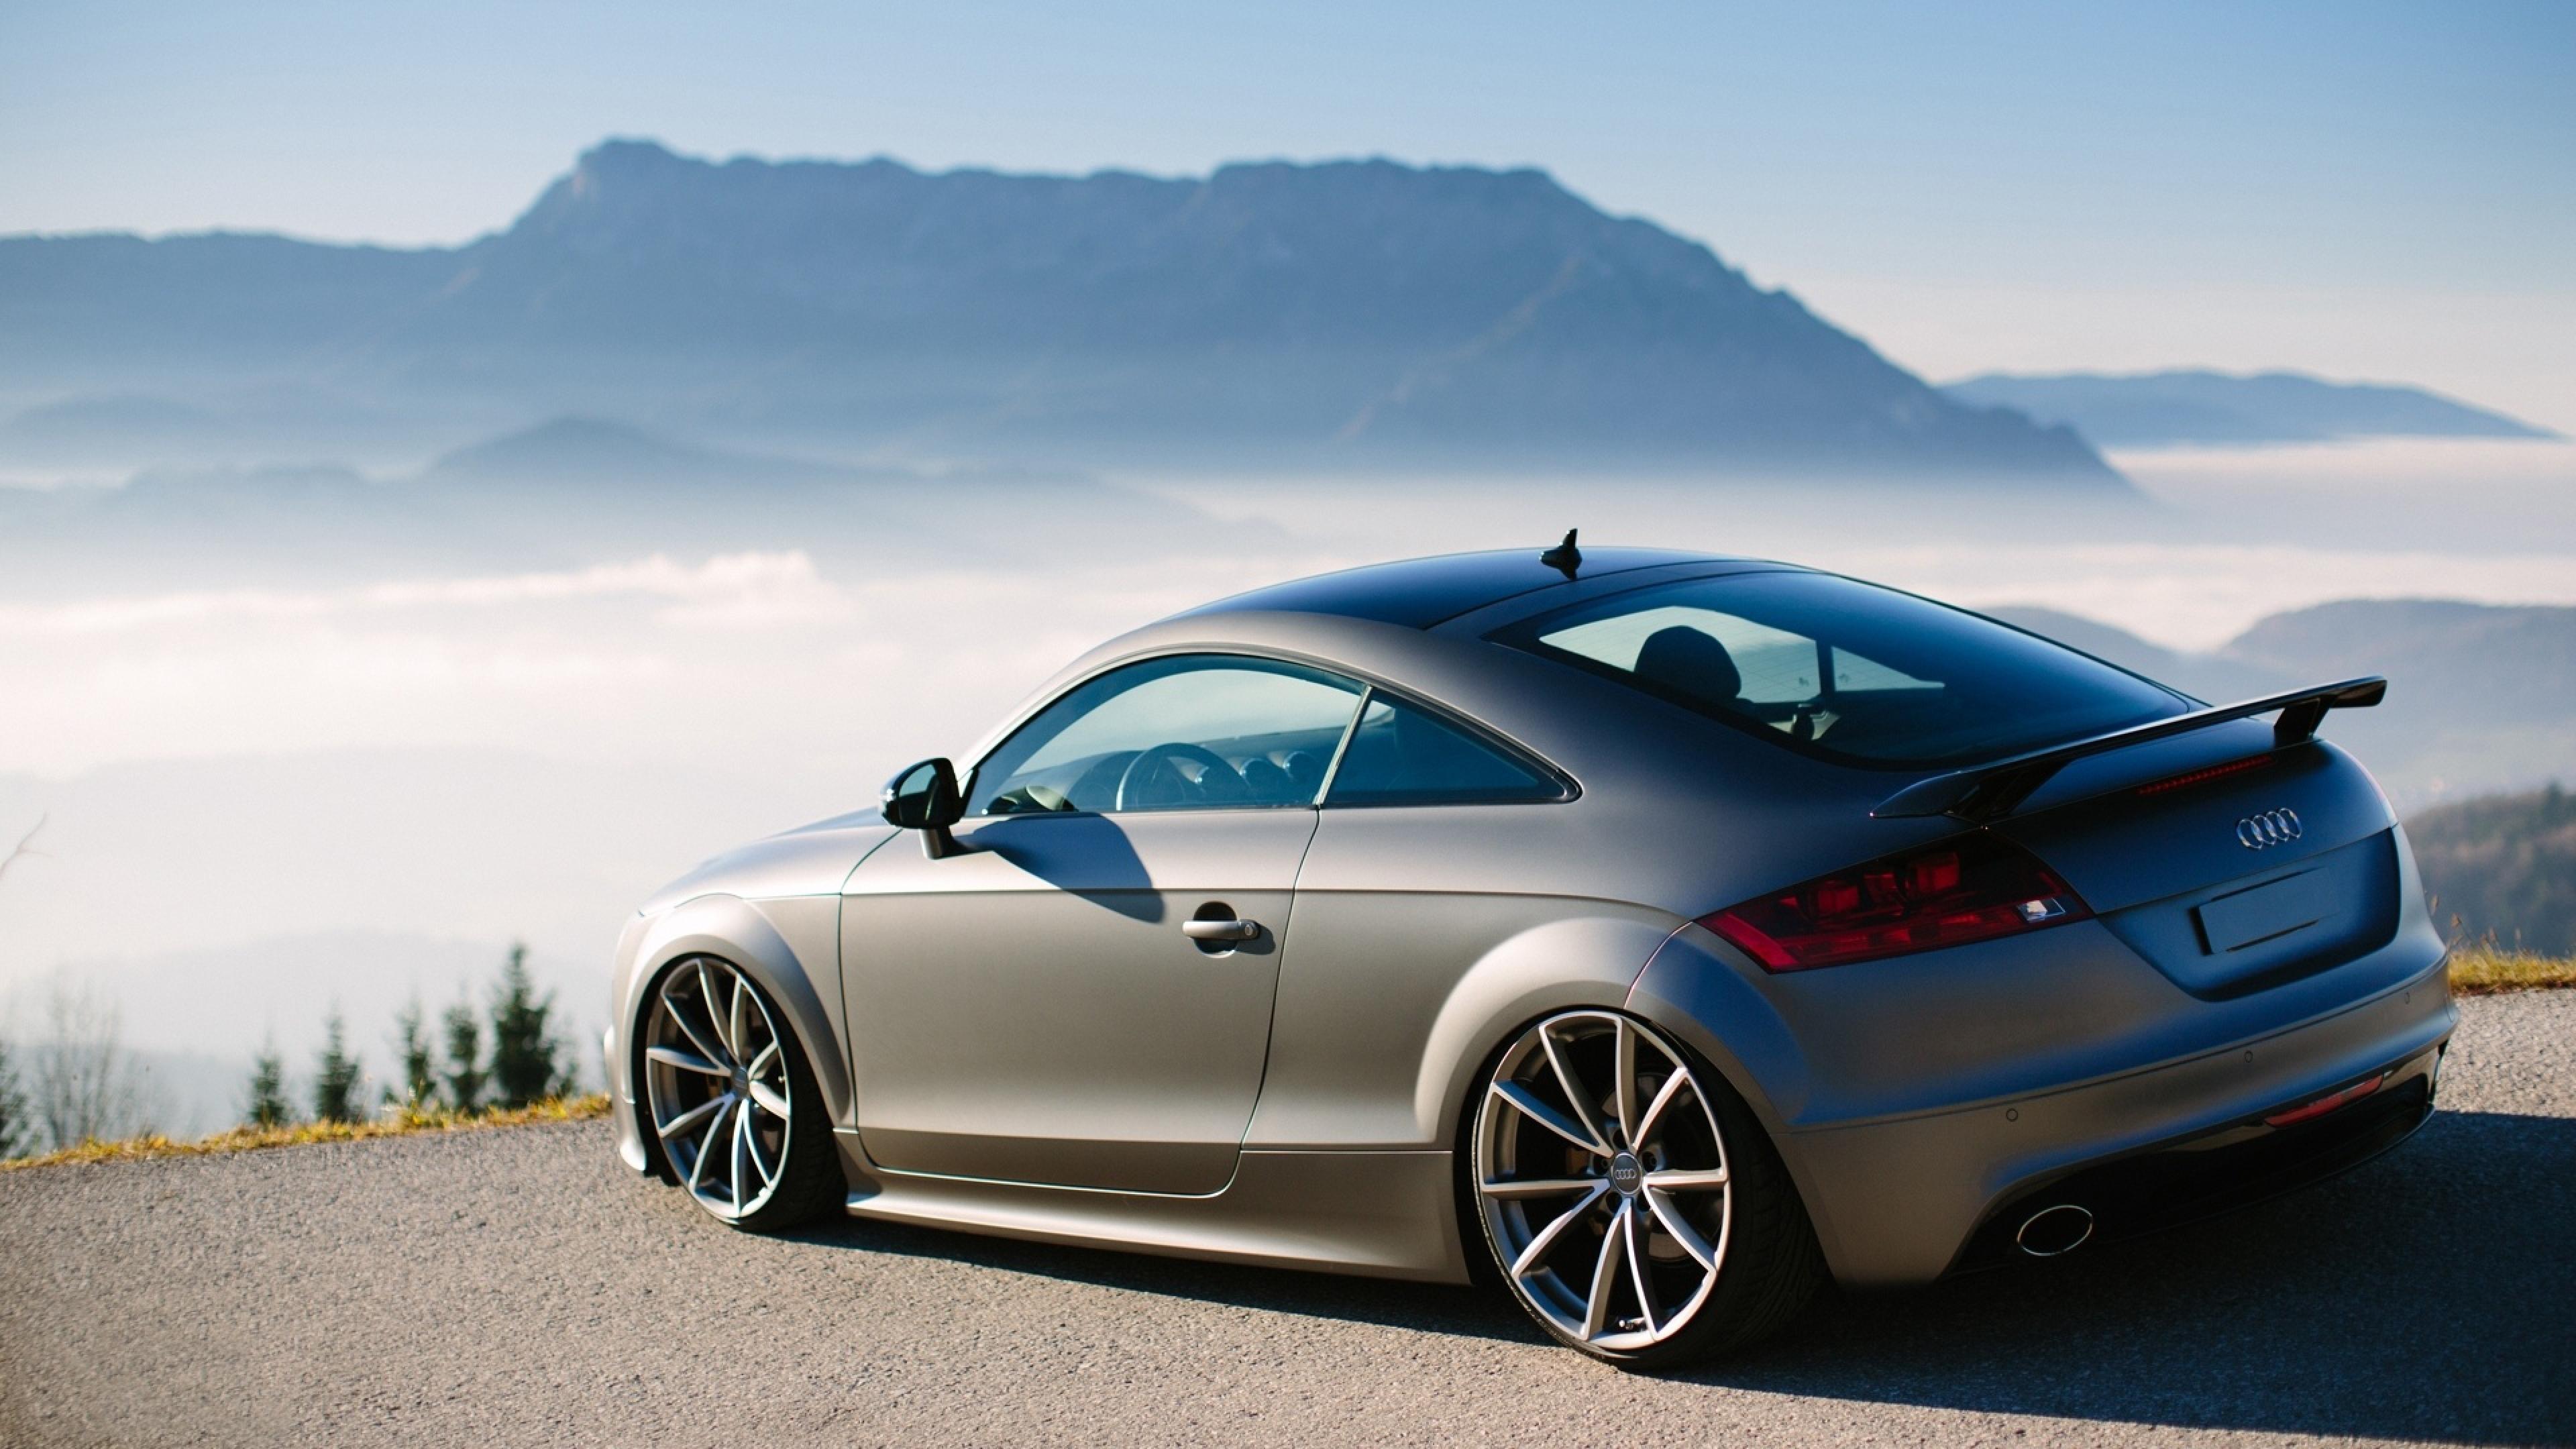 Audi TT  № 701536 загрузить